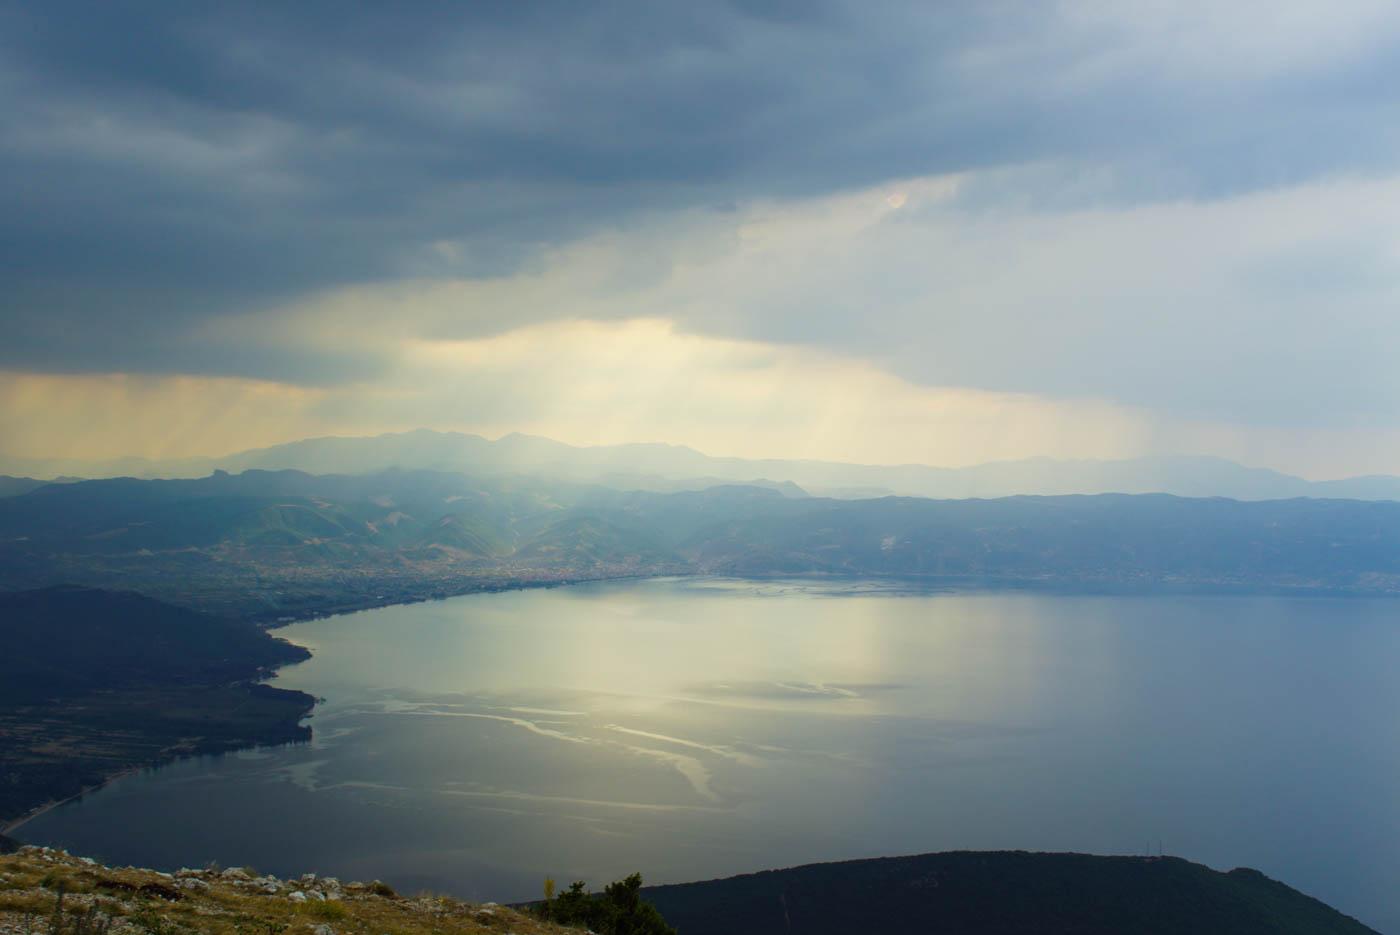 Wundervoller Blick auf den Ohridsee von den Bergen aus. Es zieht gerade eine Regen Flake hinüber die von der Sonne beschienen wird im Hintergrund weit entfernt ist eine Stadt zu erkennen.